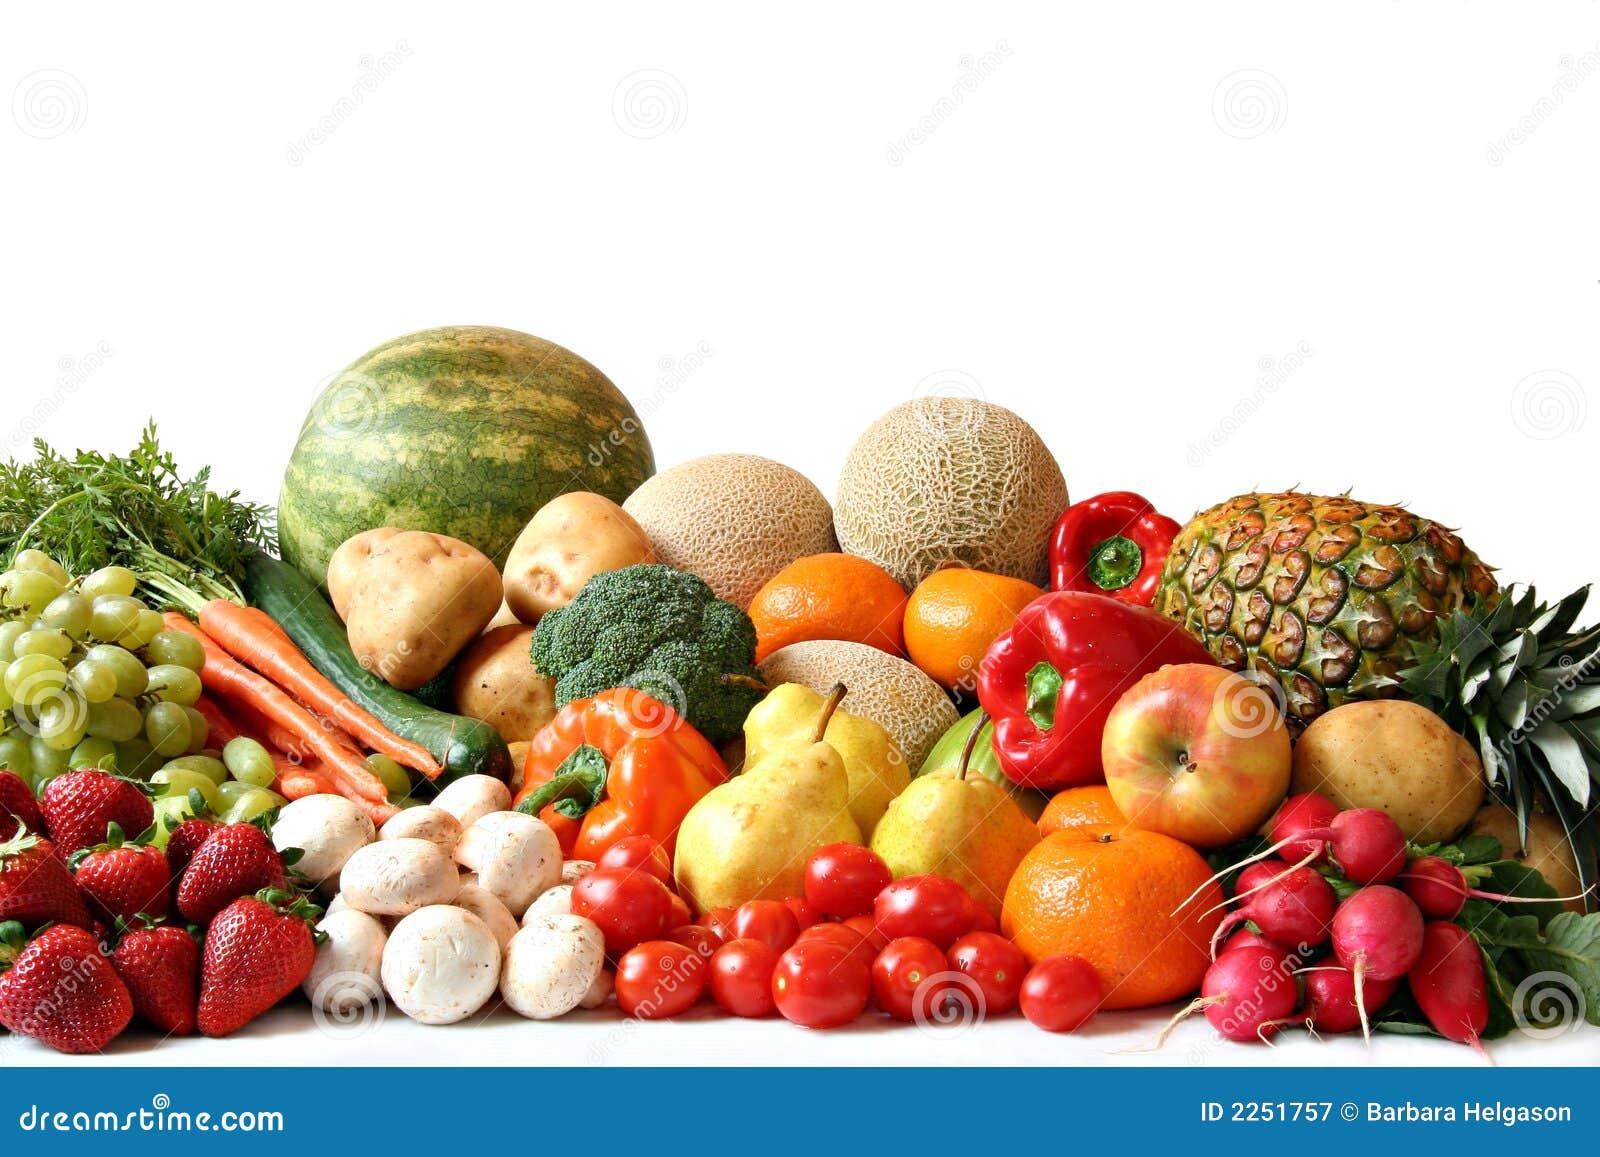 水果种类_水果品种蔬菜